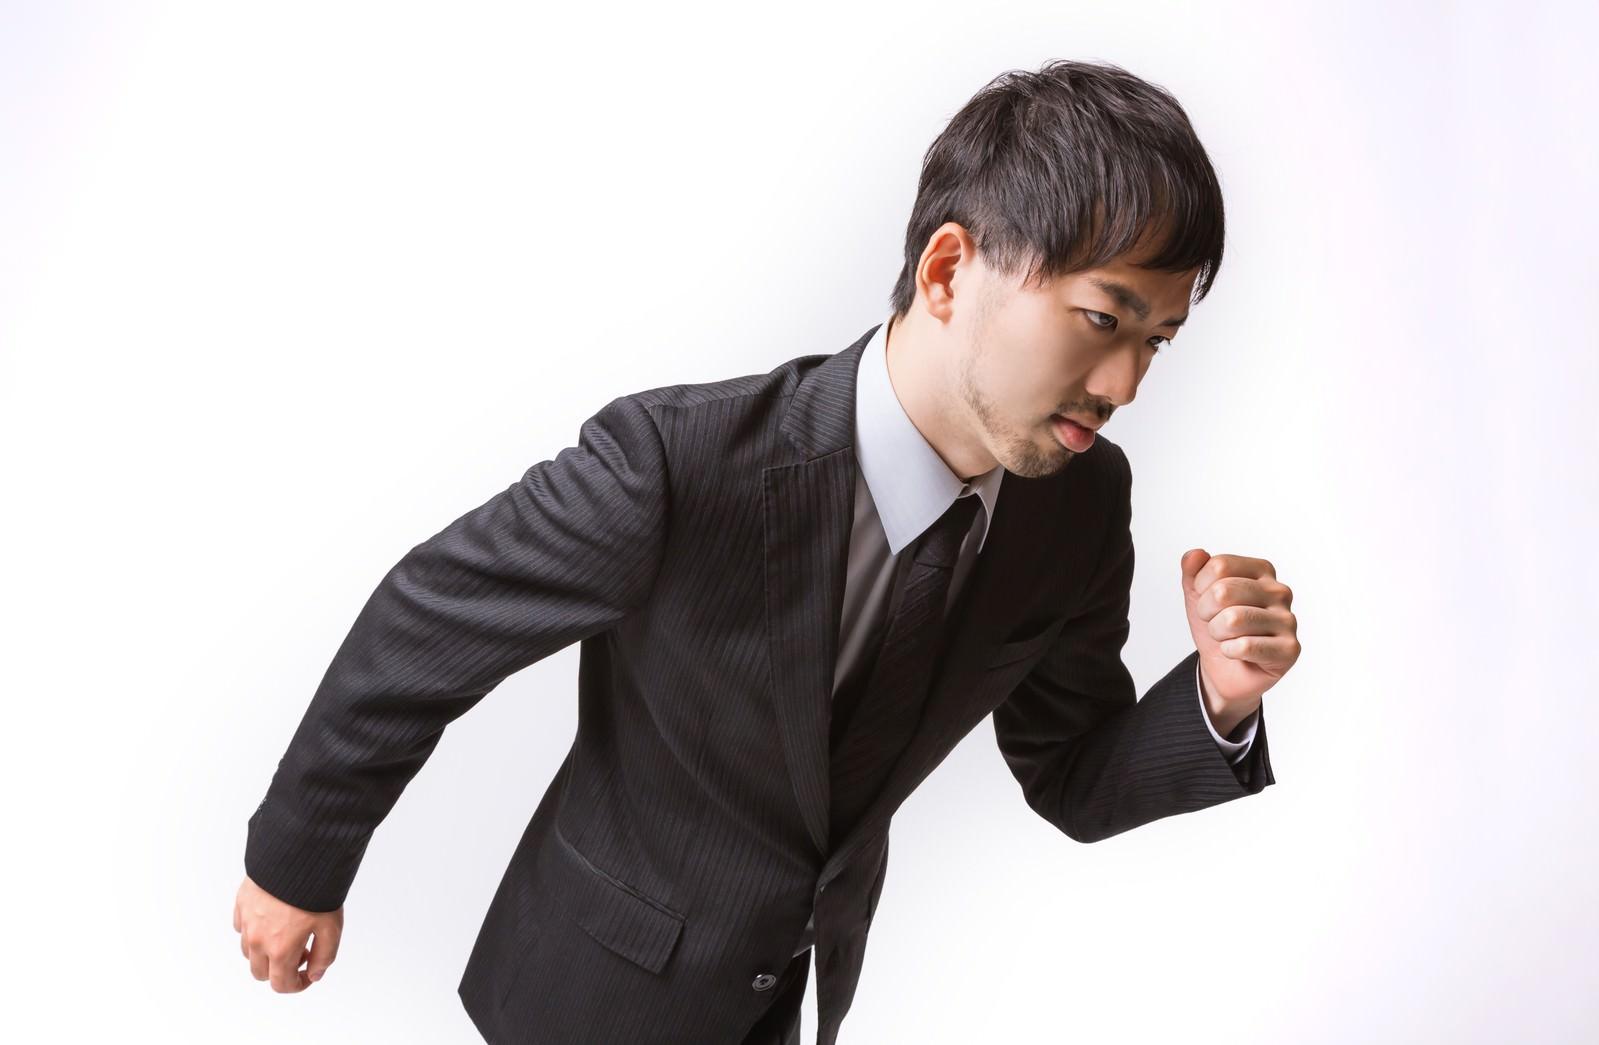 「ダッシュする(走り出す)サラリーマンダッシュする(走り出す)サラリーマン」[モデル:ひろゆき]のフリー写真素材を拡大